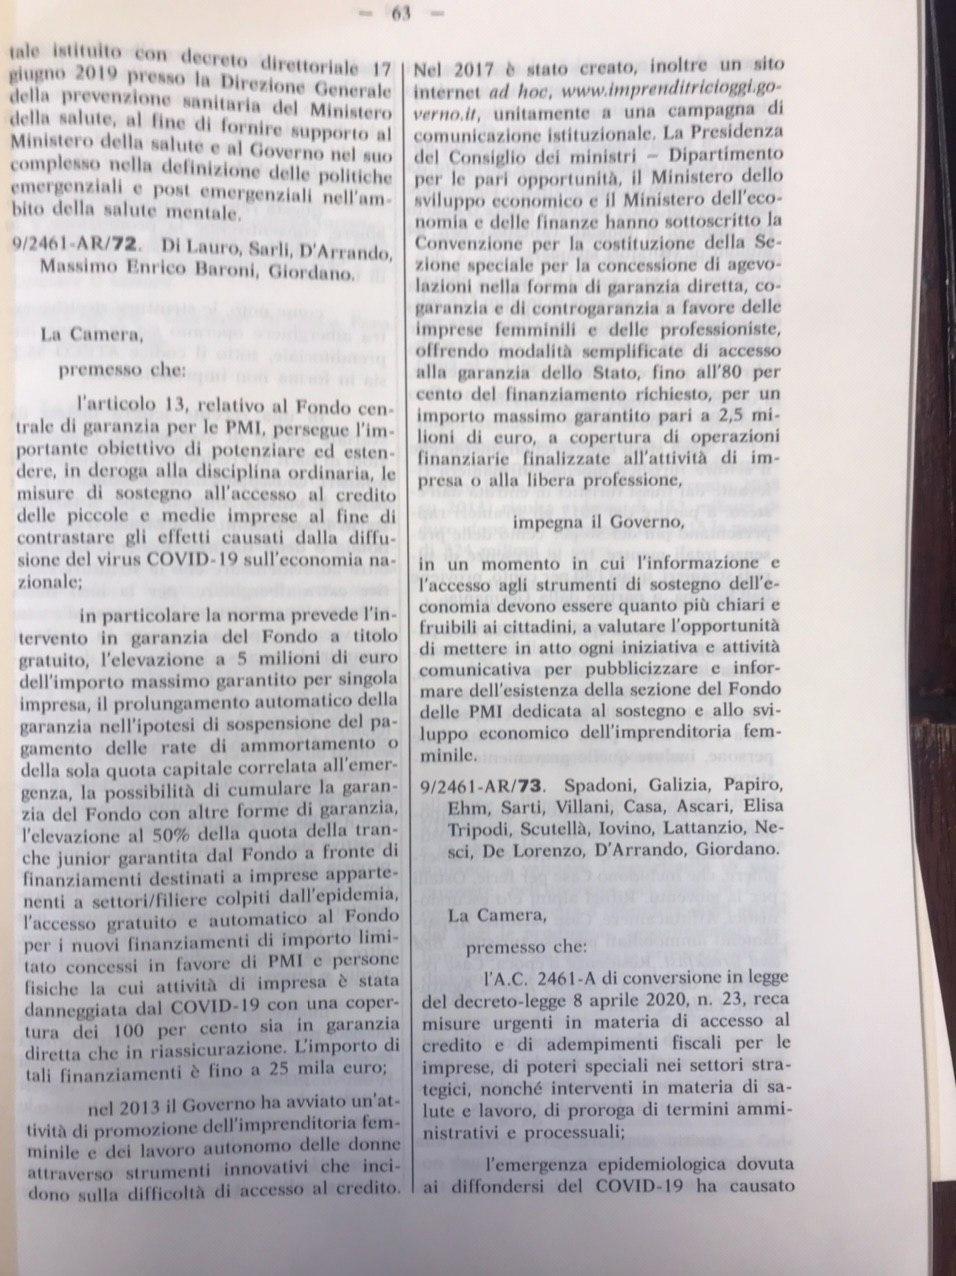 """Dl Liquidità, Vicepresidente della Camera dei Deputati Maria Edera Spadoni: """"Approvato sostegno a fondo PMI dedicato a imprenditoria femminile"""""""